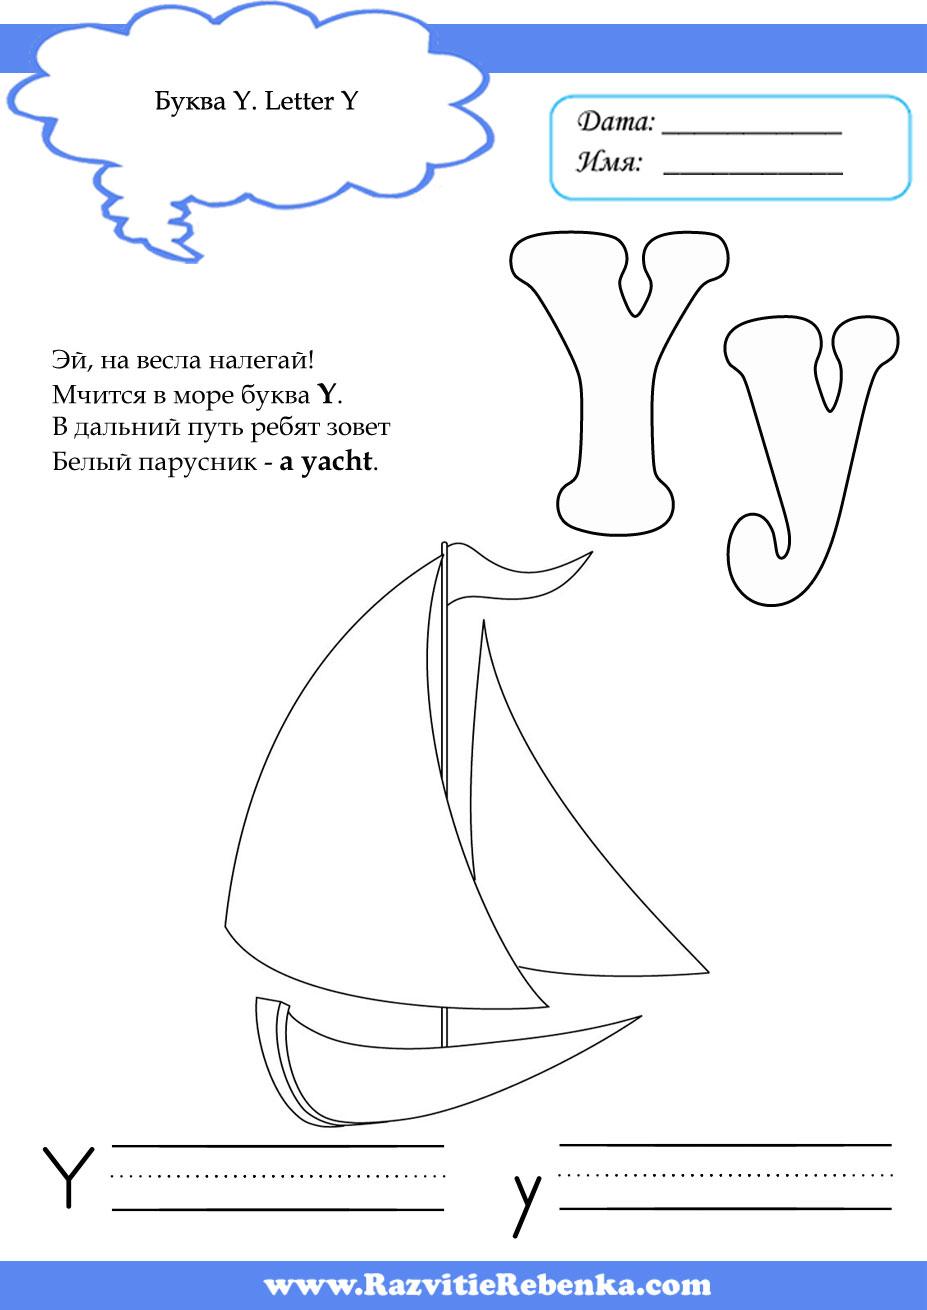 Английский для детей мультфильм - 1e96f